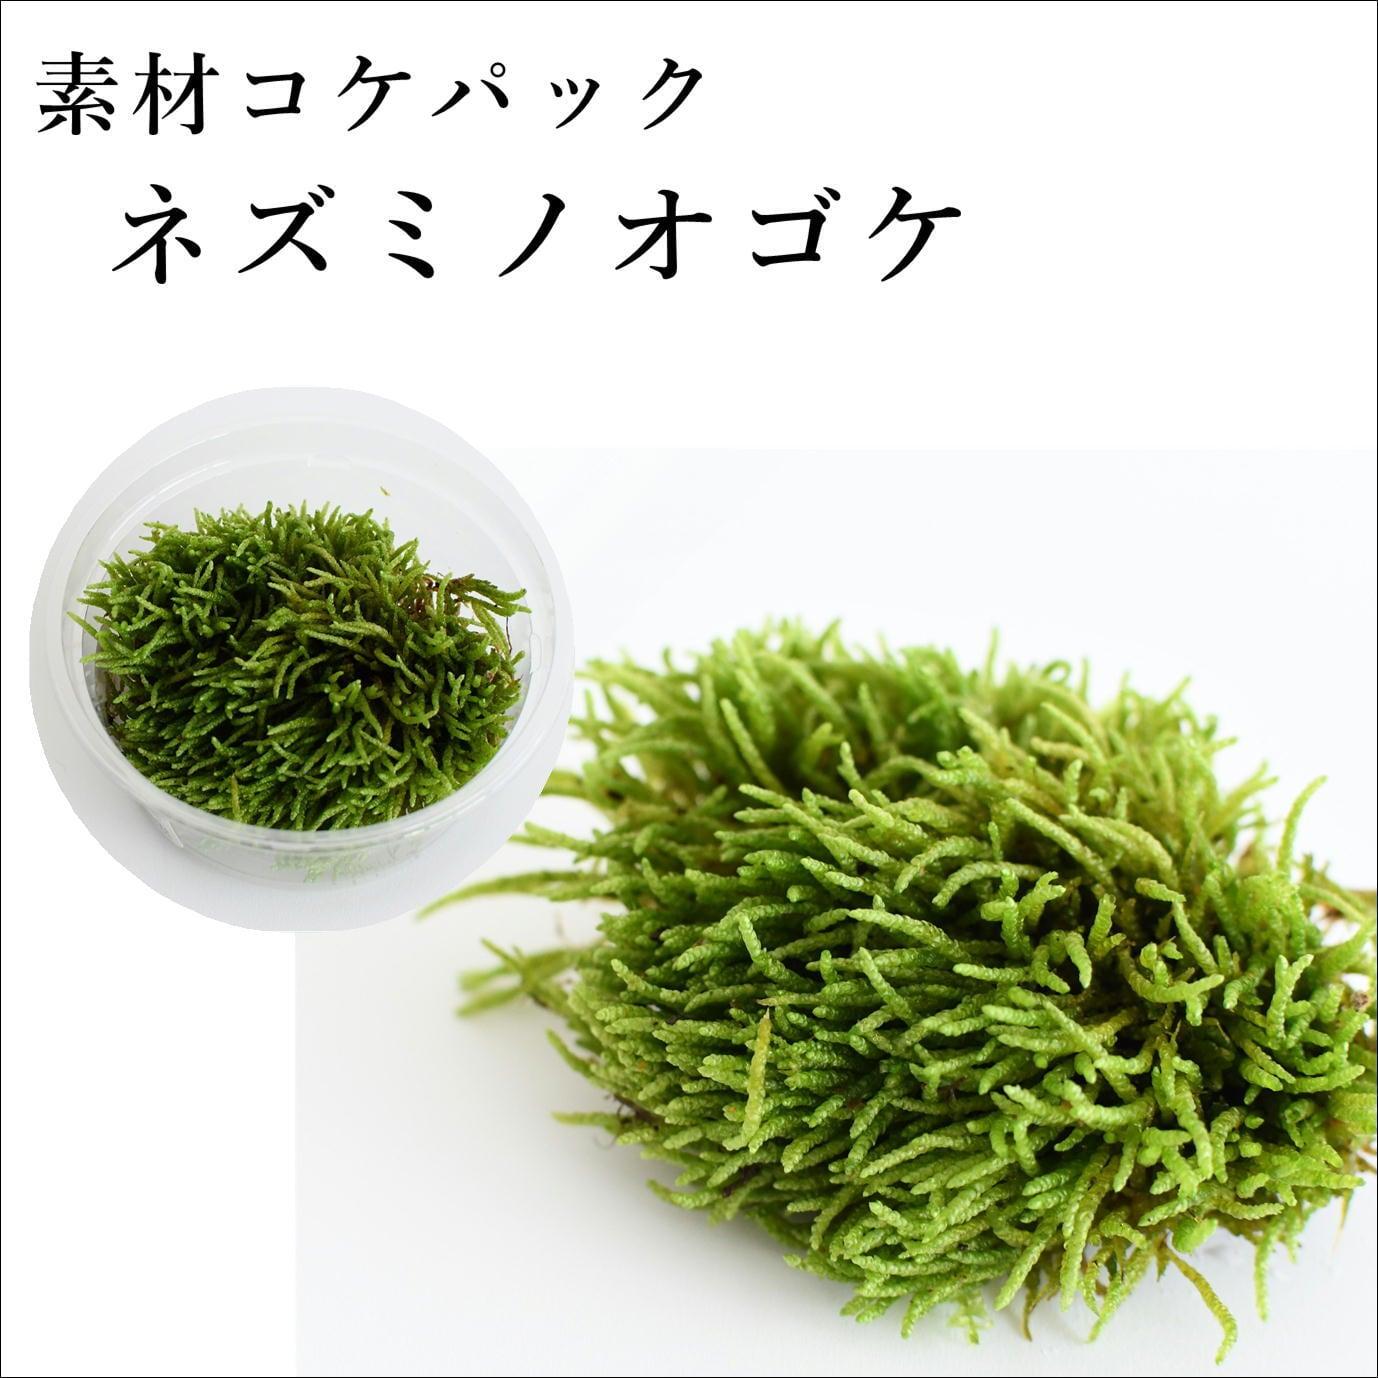 ネズミノオゴケ 苔テラリウム作製用素材苔